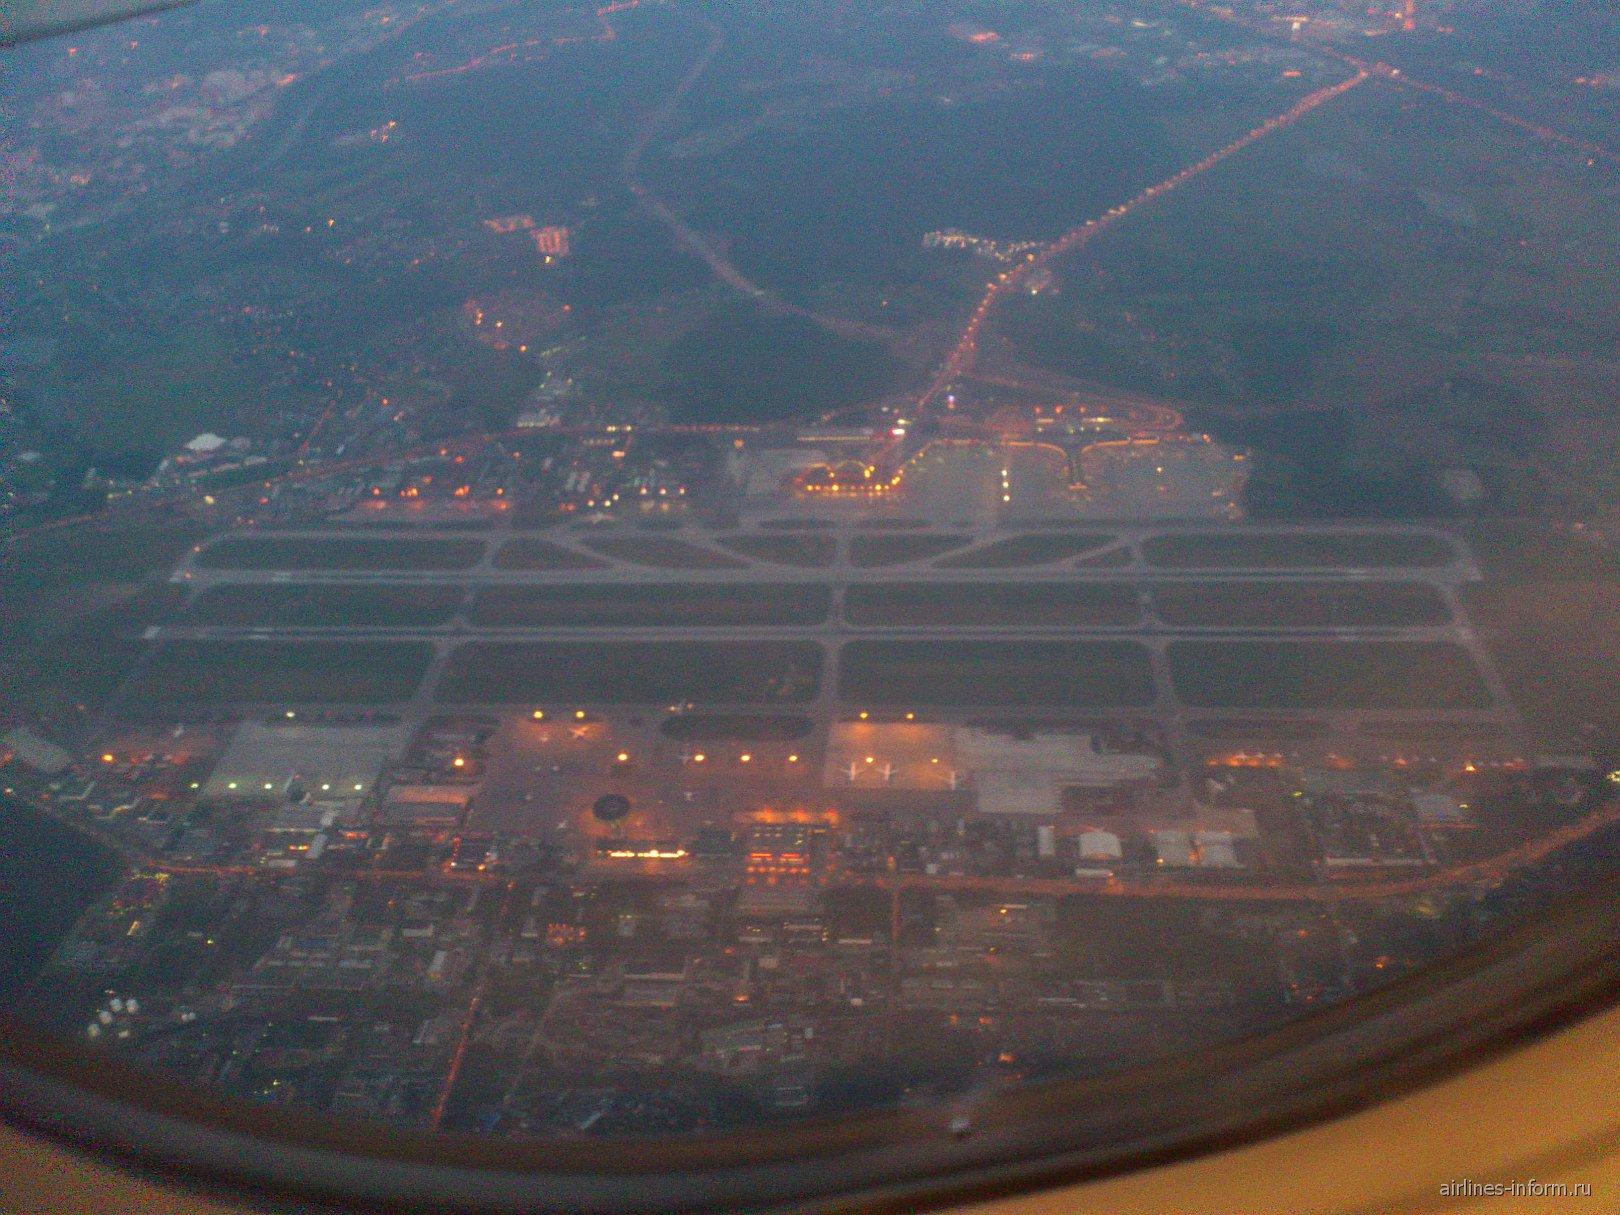 Вид из иллюминатора на аэропорт Шереметьево